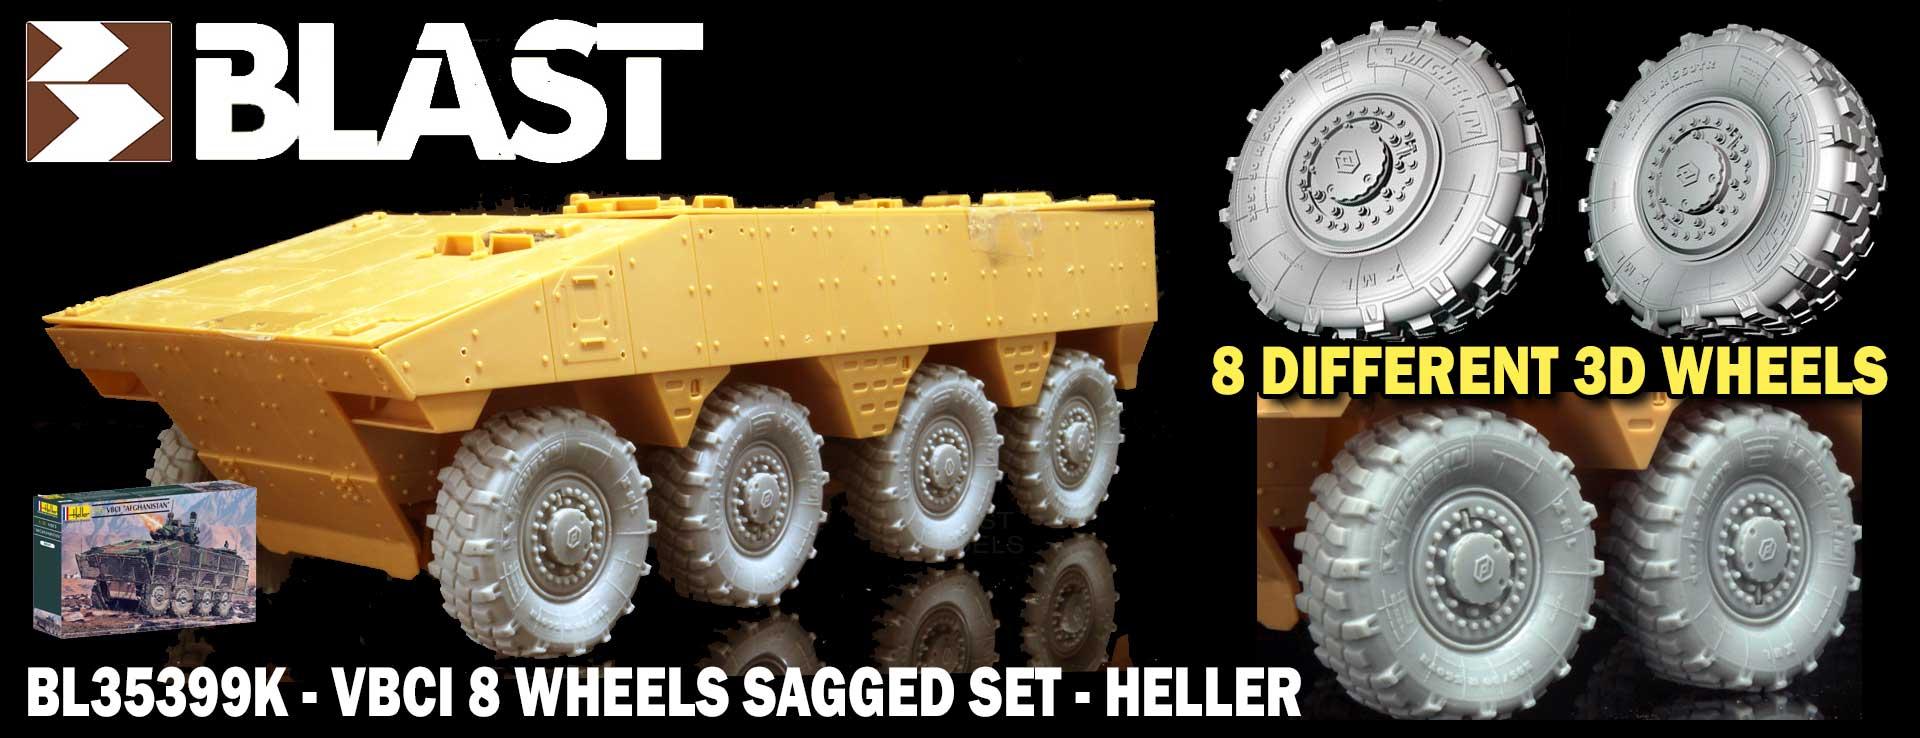 BL35399K - VBCI 8 WHEELS SAGGED SET - HELLER